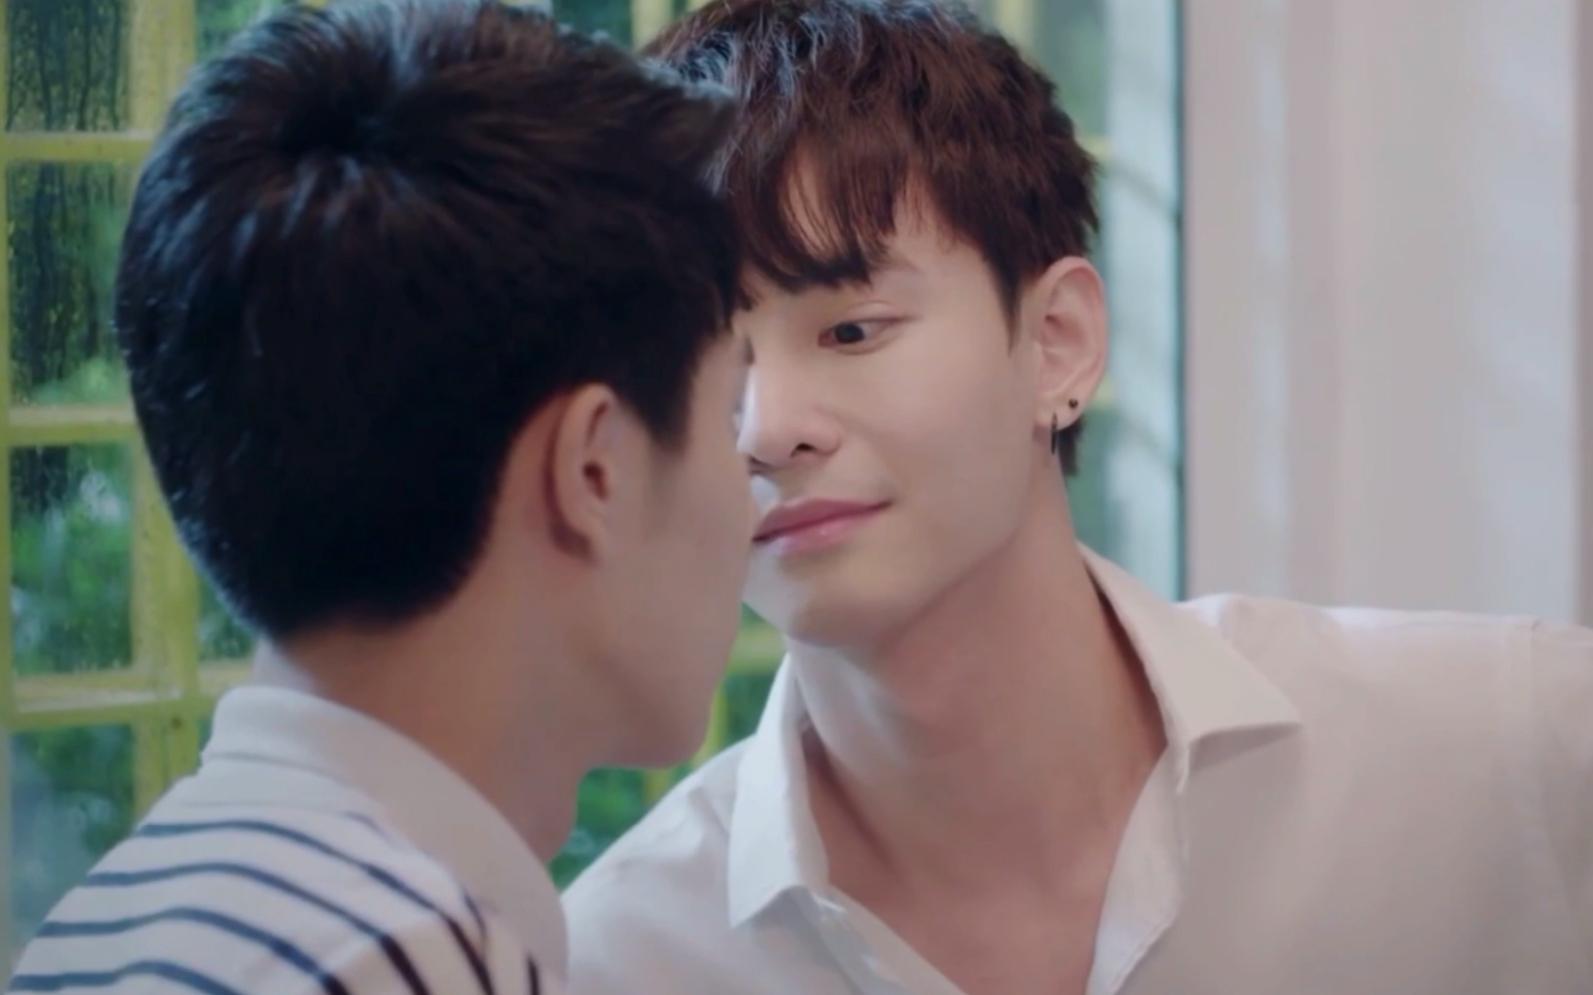 泰国新腐剧精剪: 「你是我的氧气已更新第一集, 颜值很高的一部剧」第一集就甜的要命, 两对cp甜死了!